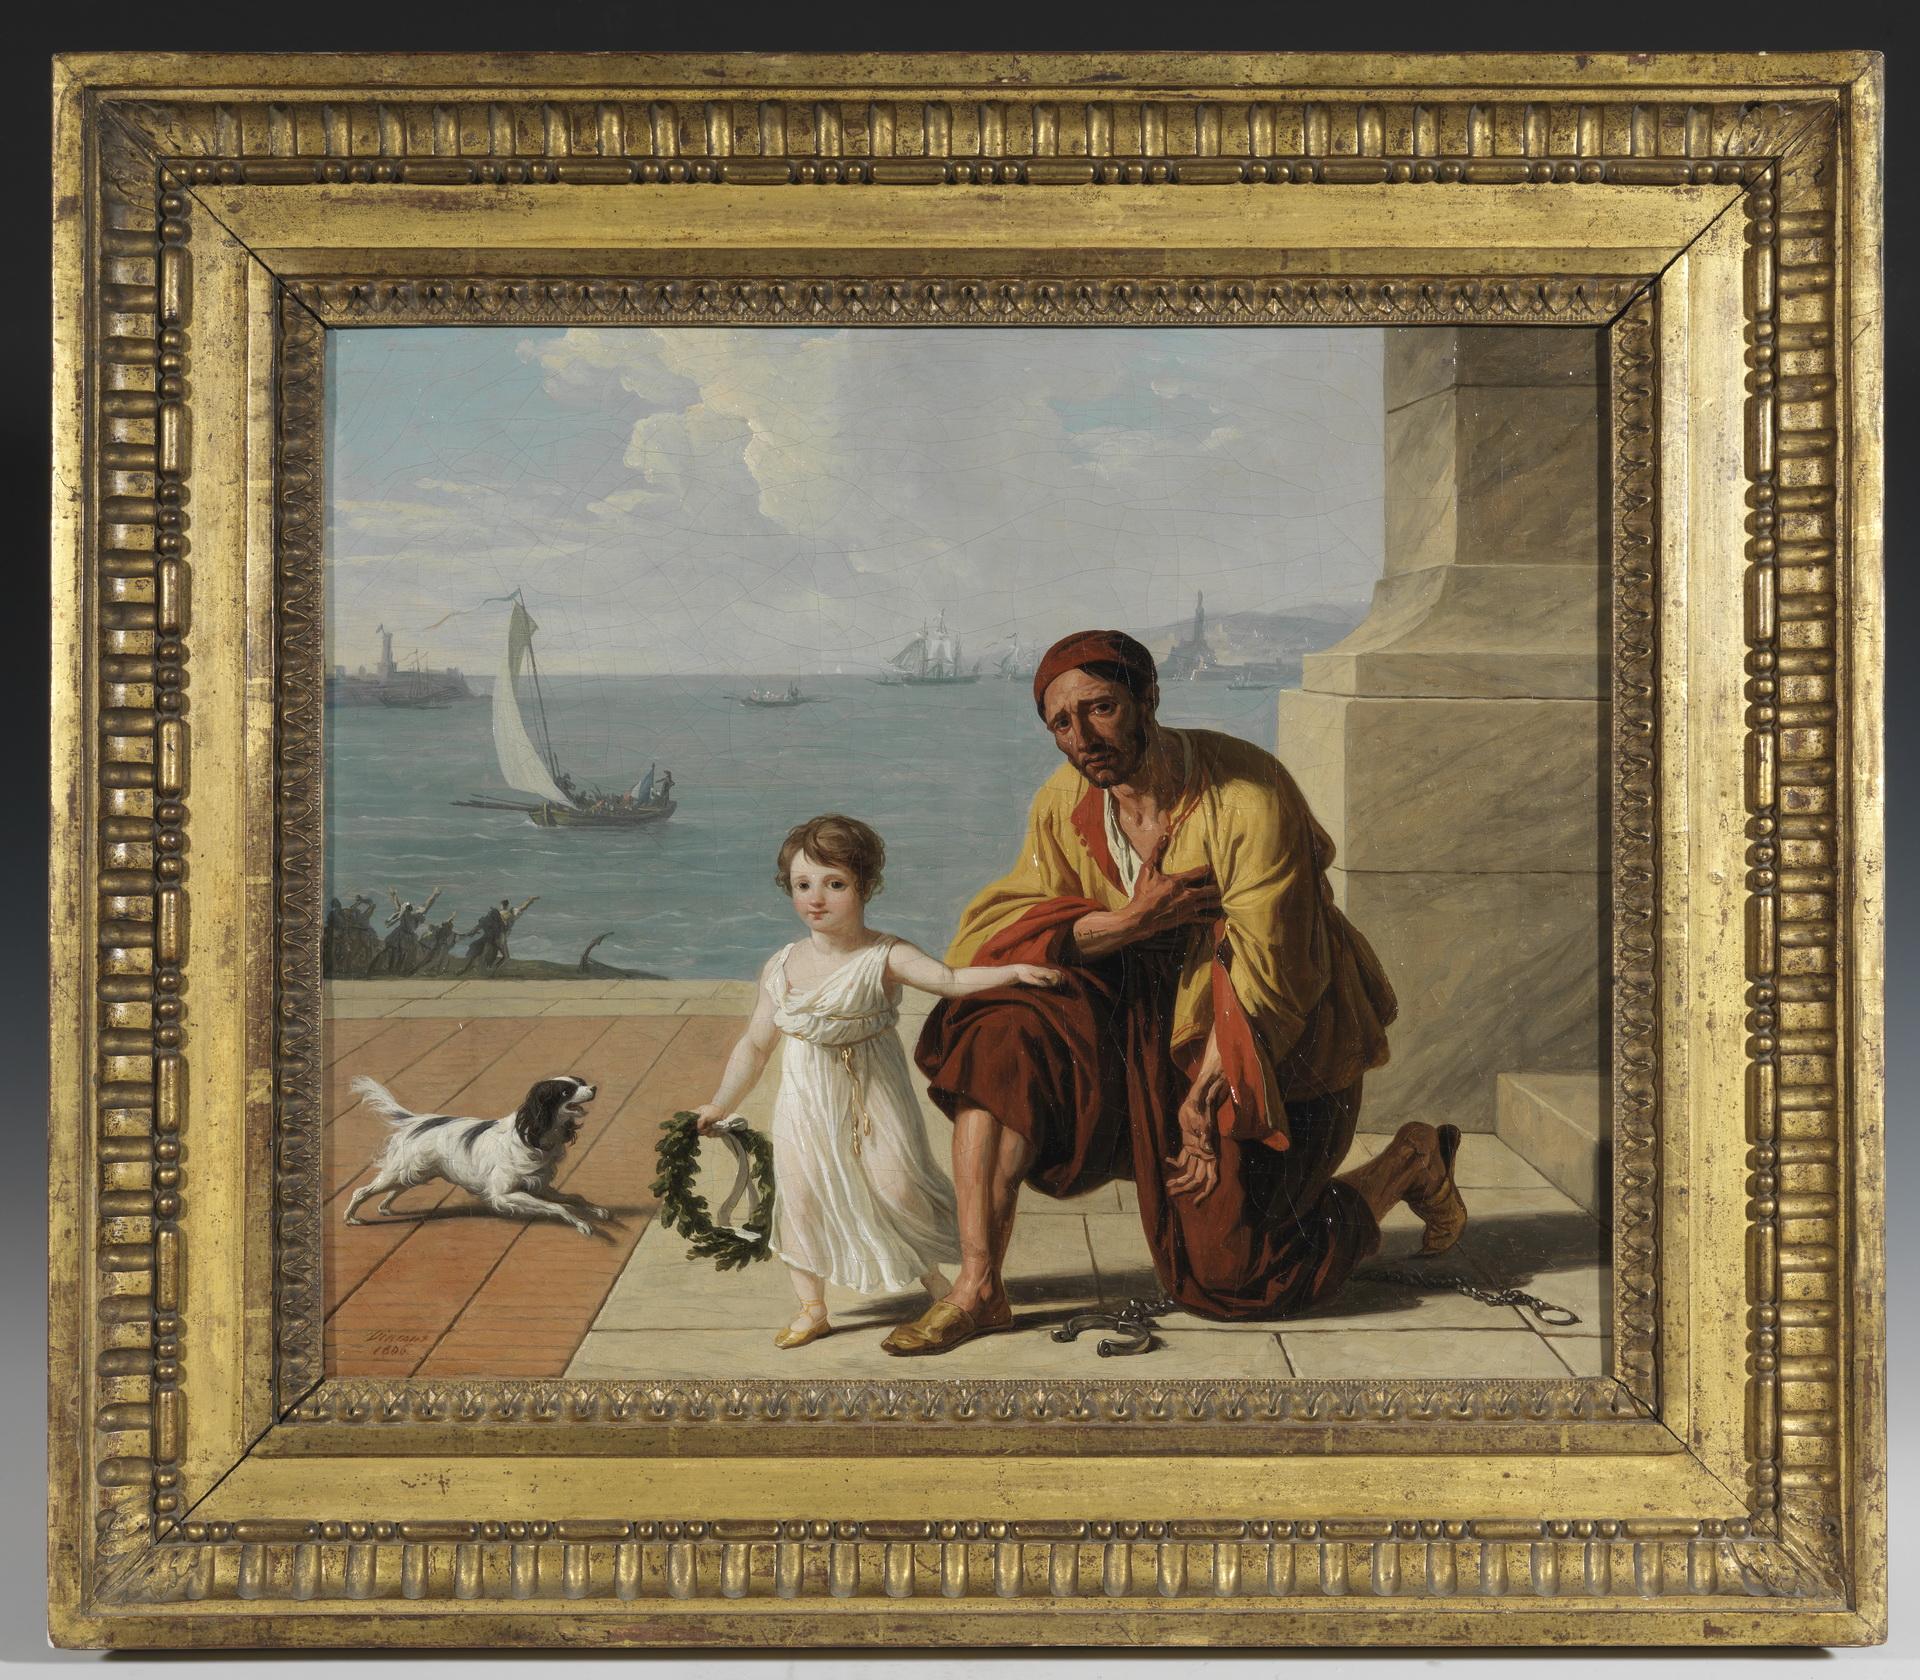 Allégorie de la libération des esclaves d'Alger par Jérôme Bonaparte, 1806 - Patrimoine Charles-André COLONNA WALEWSKI, en ligne directe de Napoléon